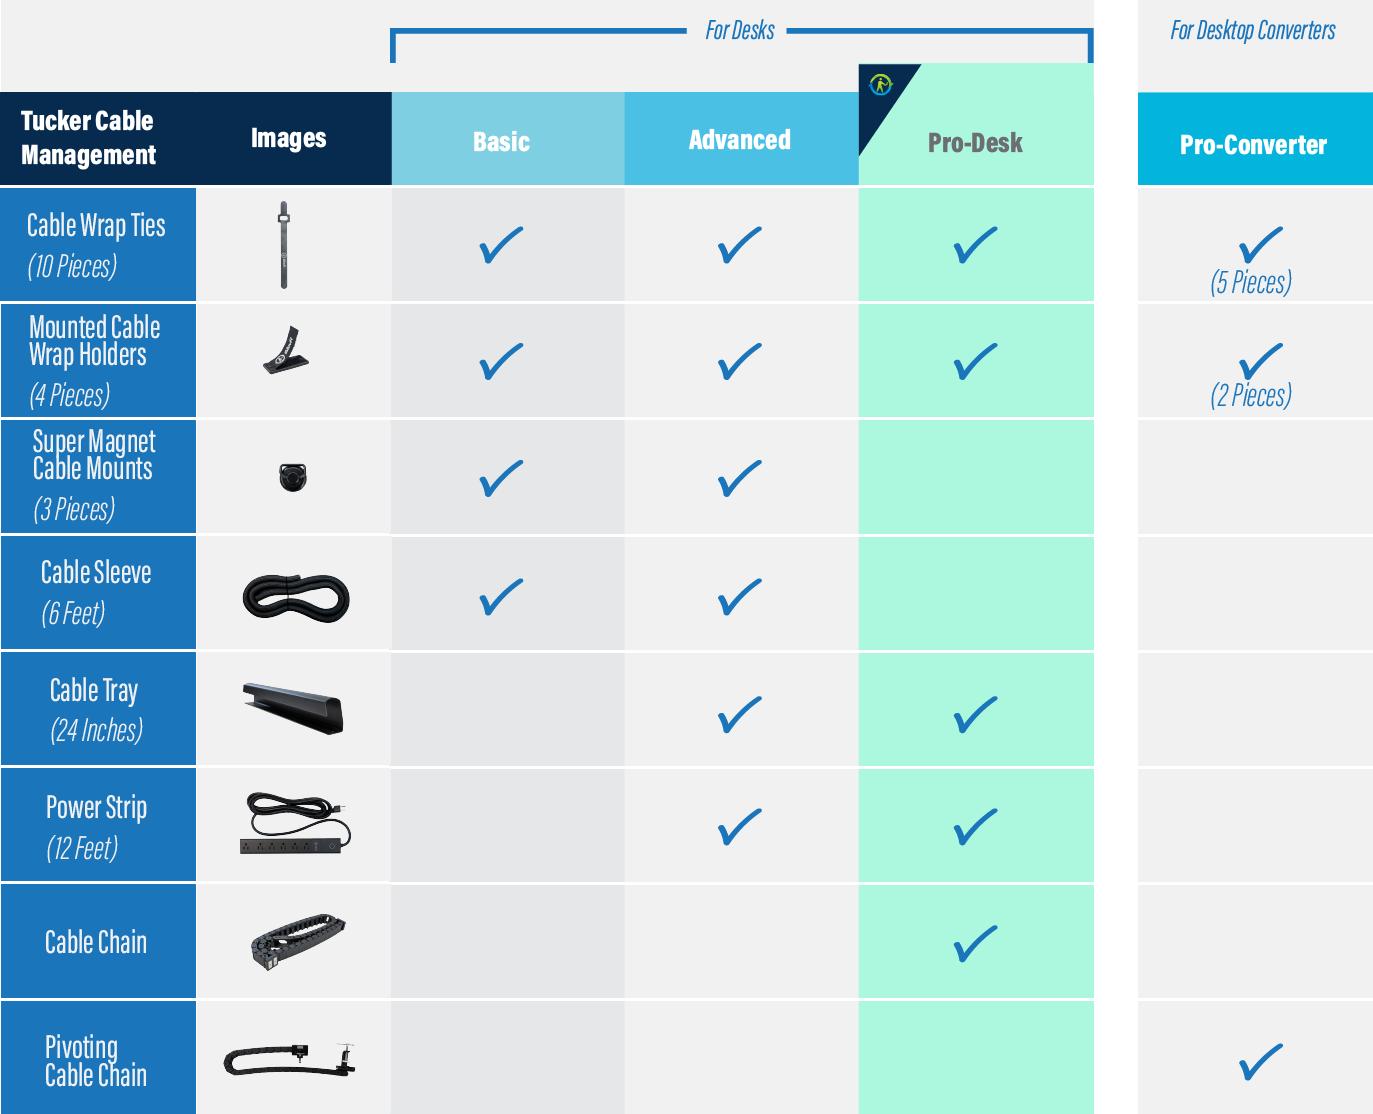 Tucker_Cable_Management_Kit_Comparison_Chart__Pro-Desk_